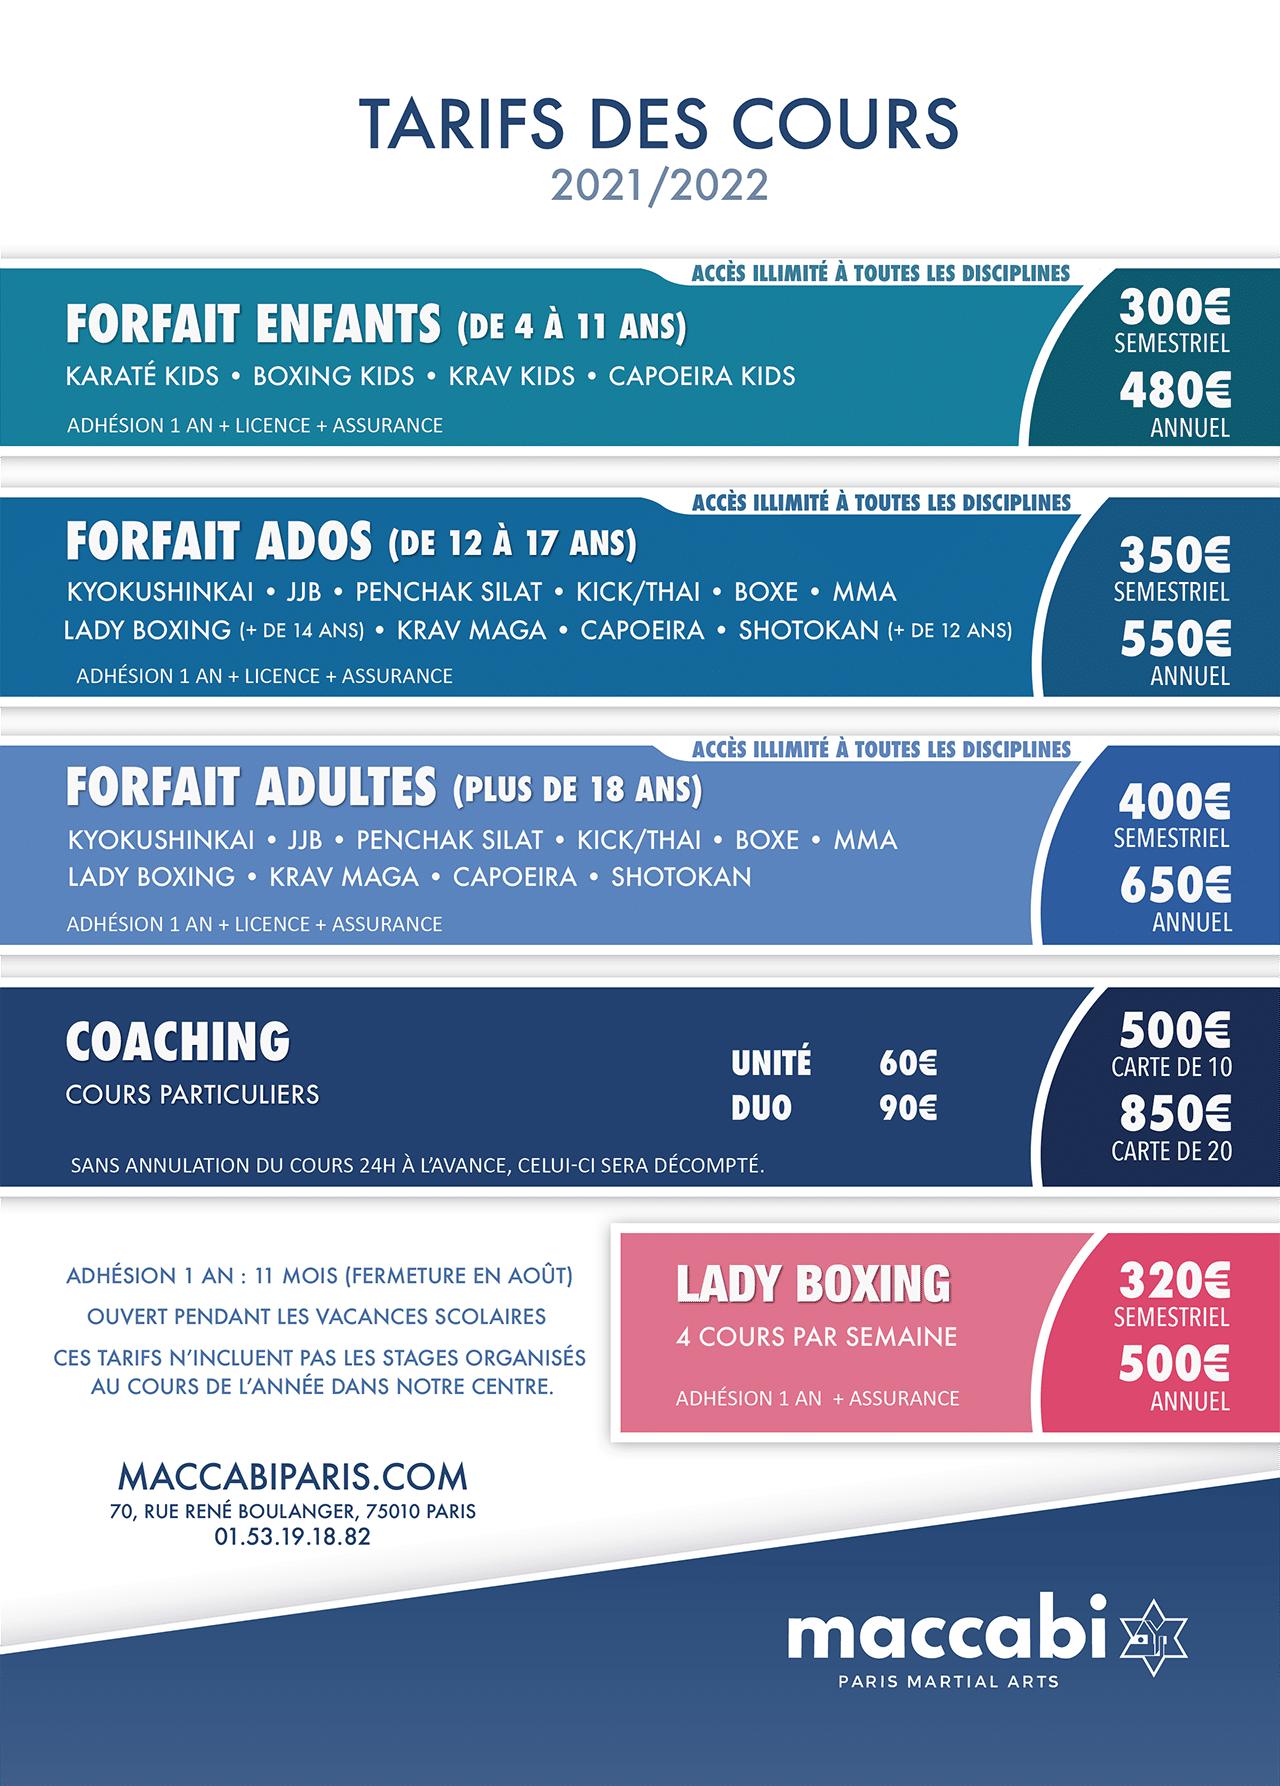 Maccabi Paris - Fiche Tarifs